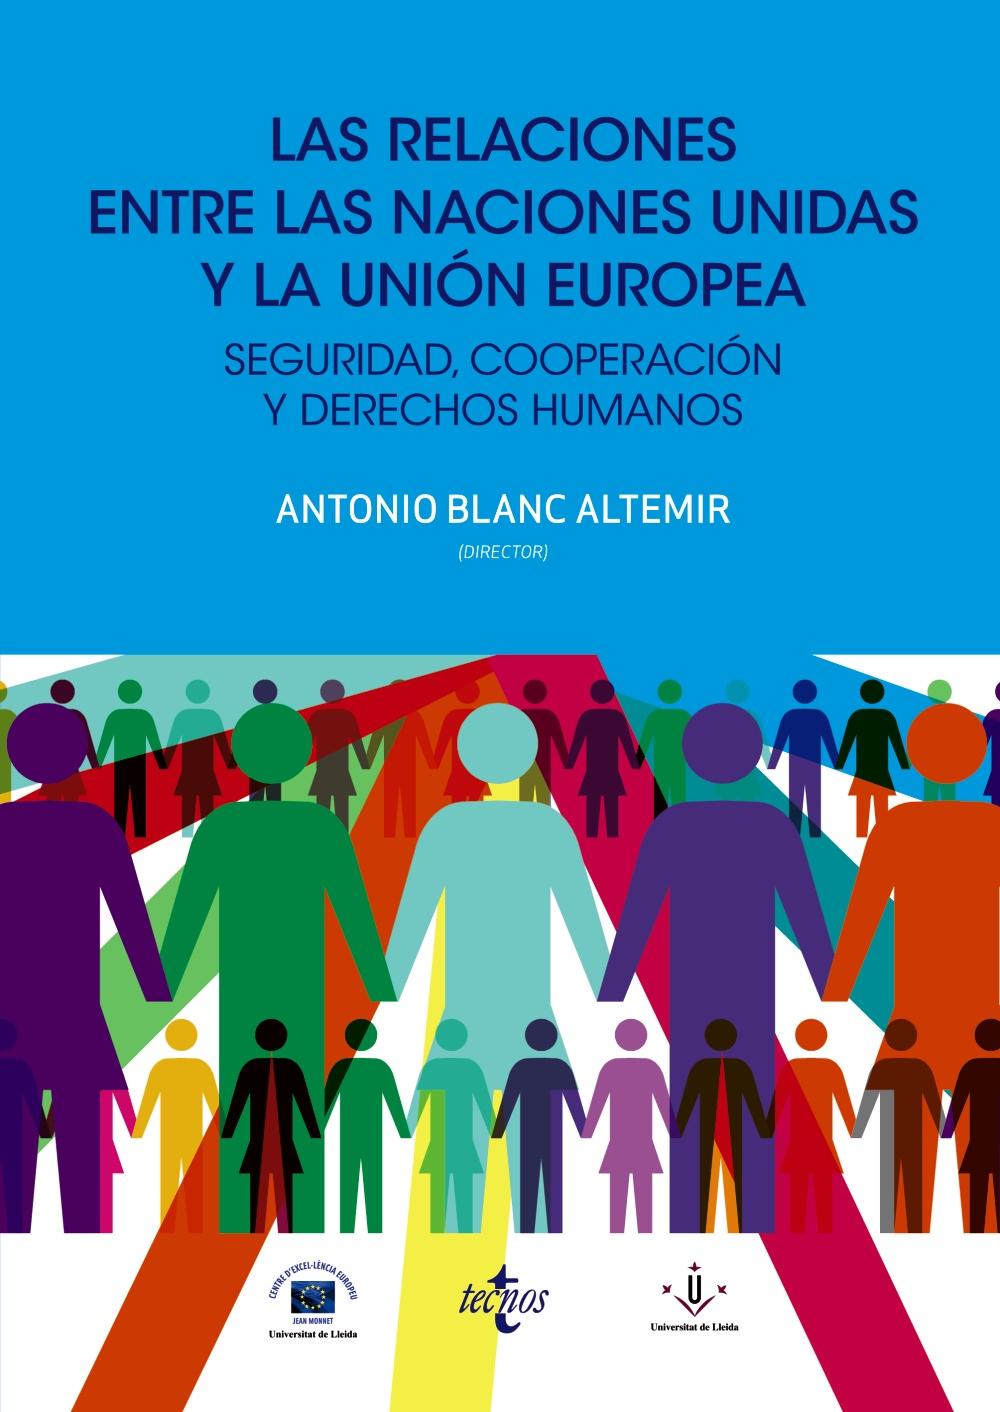 Las relaciones entre las Naciones Unidas y la Unión Europea